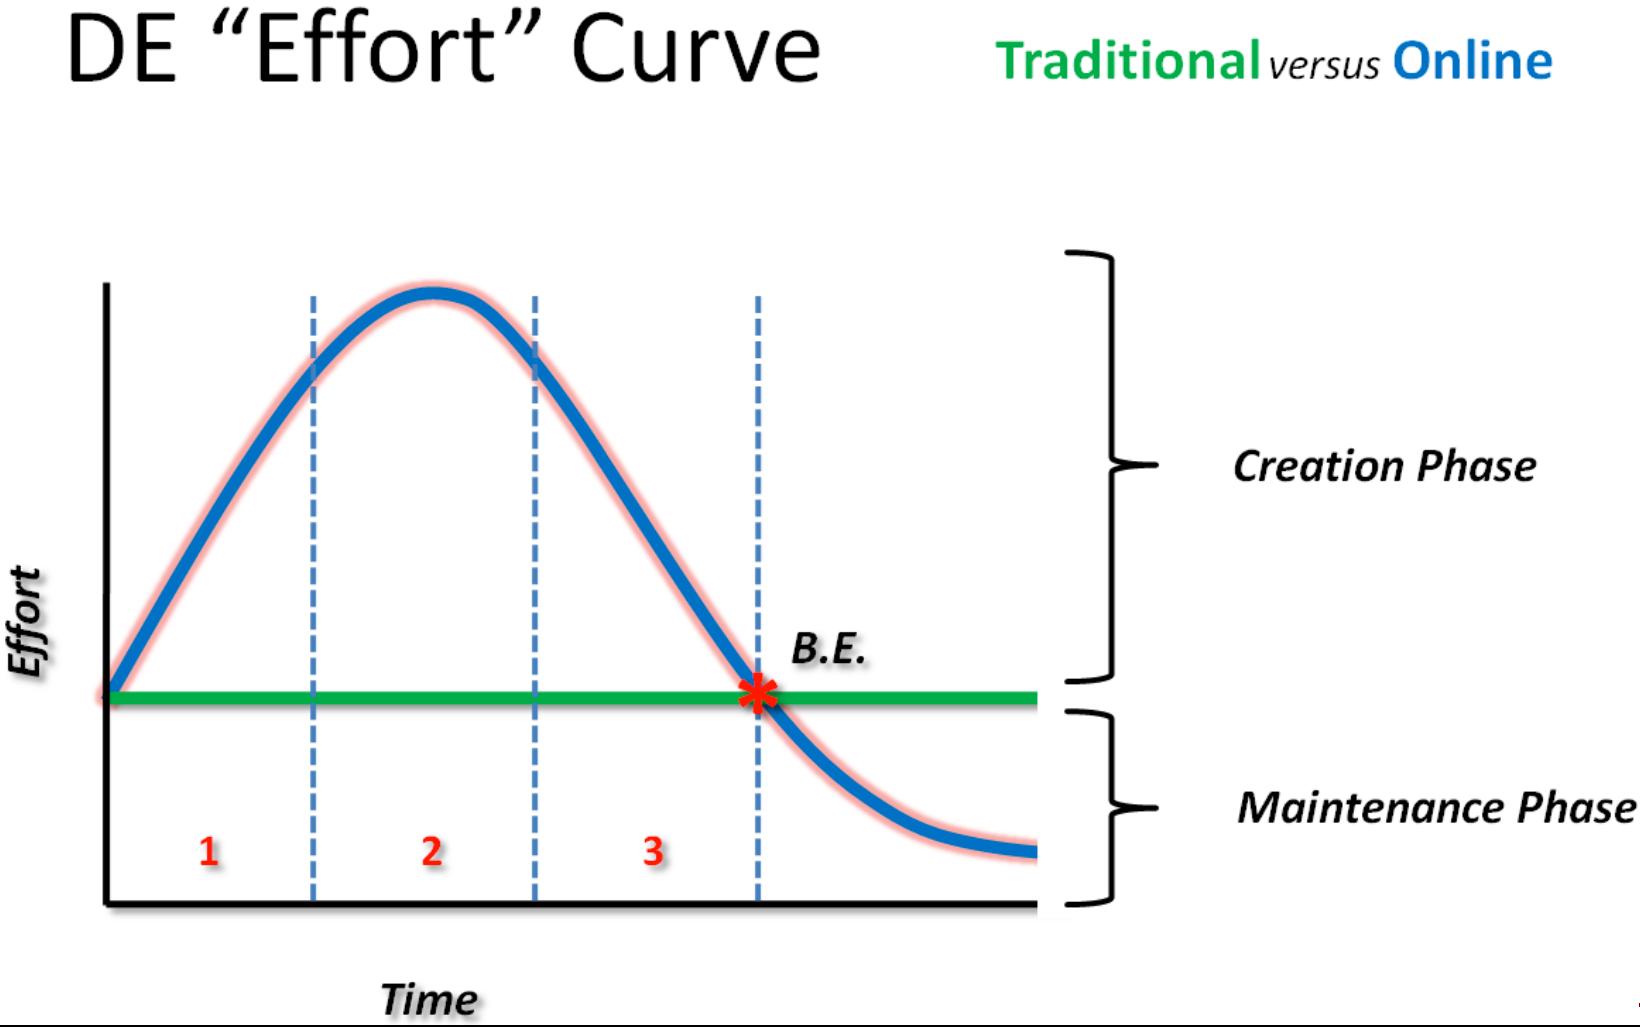 DE_Effort_Curve